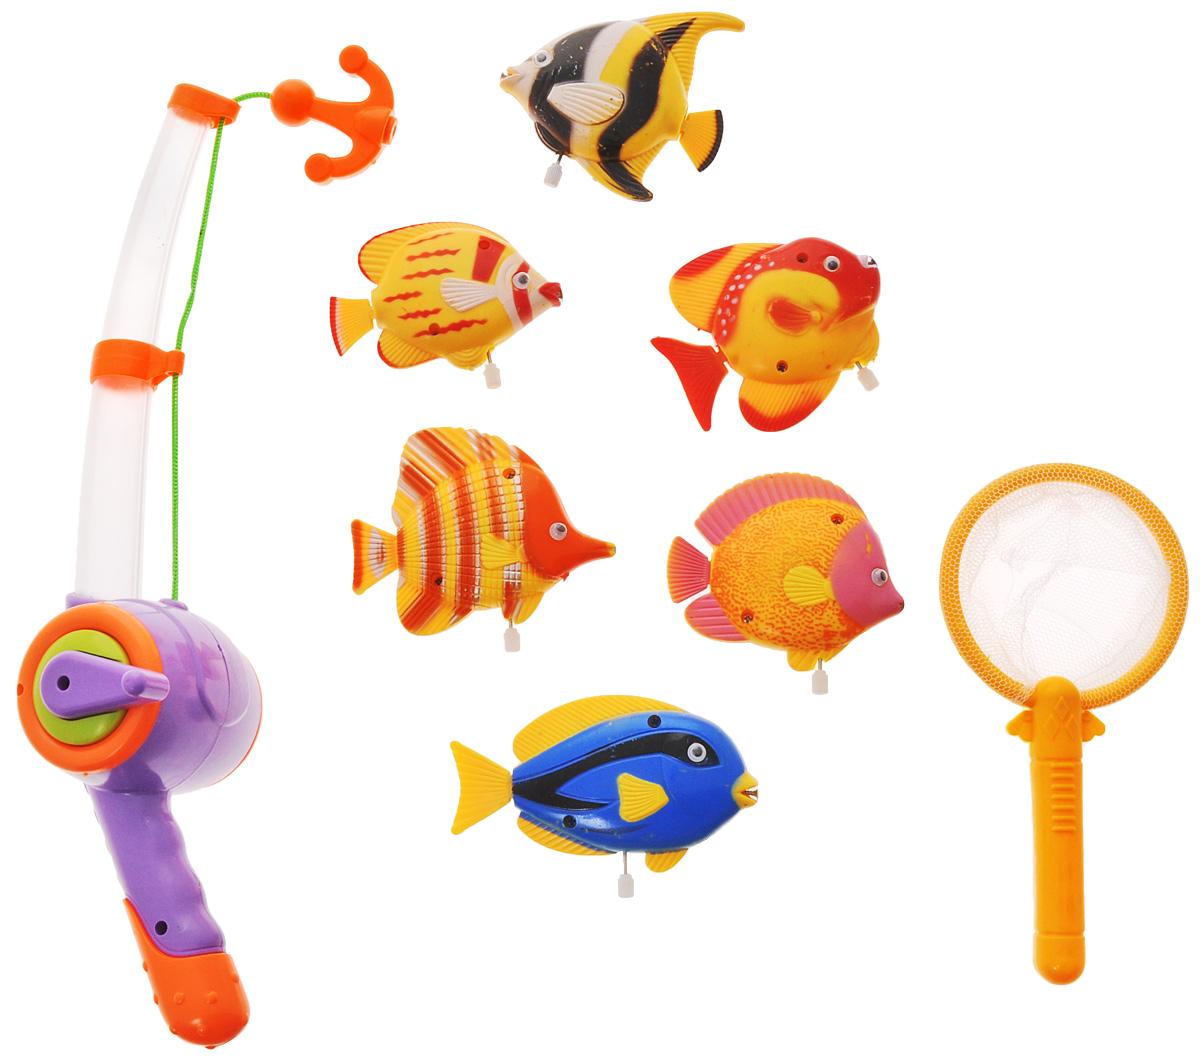 Играем вместе Игрушка для ванной Рыбалка Маша и Медведь цвет удочки фиолетовый оранжевыйB803208-R2_фиолетовый, оранжевыйИгрушка для ванной Играем вместе Рыбалка. Маша и Медведь - вот это настоящая забава половить рыбку вместе с любимыми героями! Теперь процесс купания станет для ребенка еще интереснее: ведь он с Машей и Медведем из полюбившегося всем мультфильма едет на рыбалку. Используя специальную удочку с веревкой, на конце которой располагается крючок, необходимо поймать больше и быстрее всех ярких представителей подводной жизни. Удочка светится и проигрывает песенку Маши. Для того чтобы удочка начала светиться и звучать, необходимо нажать на кнопку. Игра отлично подходит для развития мелкой моторики. Для работы игрушки необходимы 3 батарейки напряжением 1,5 V типа AG13 (входят в комплект).